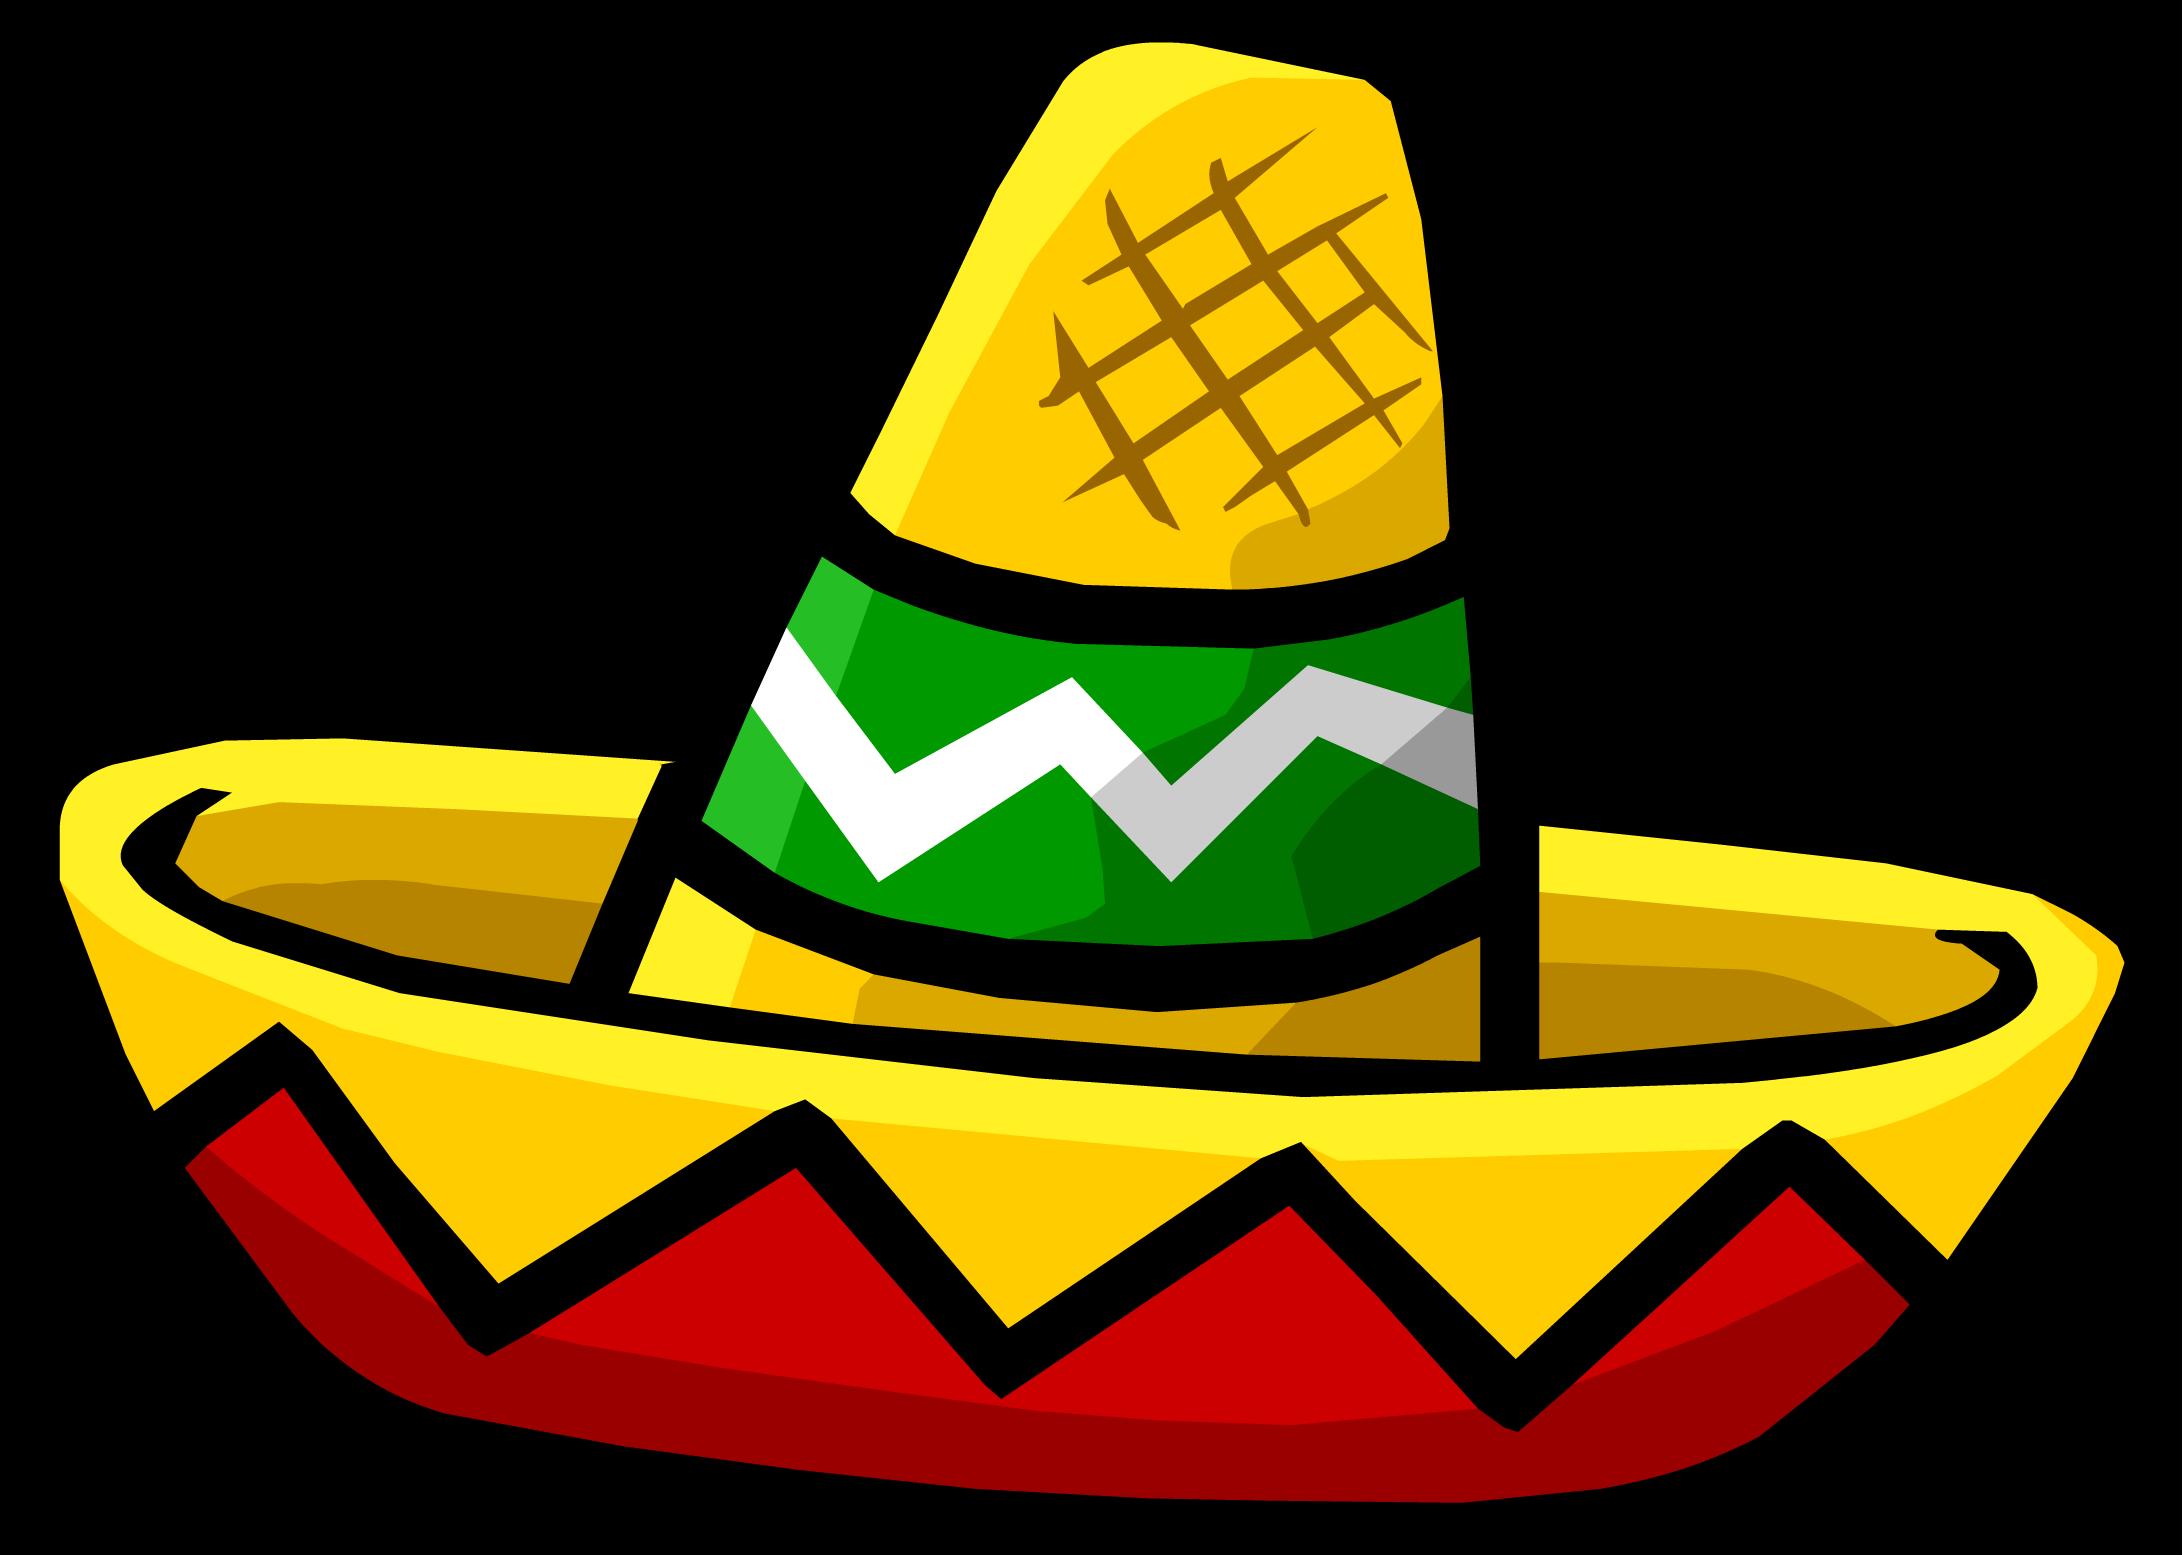 Mexican Sombrero Transparent Clipart